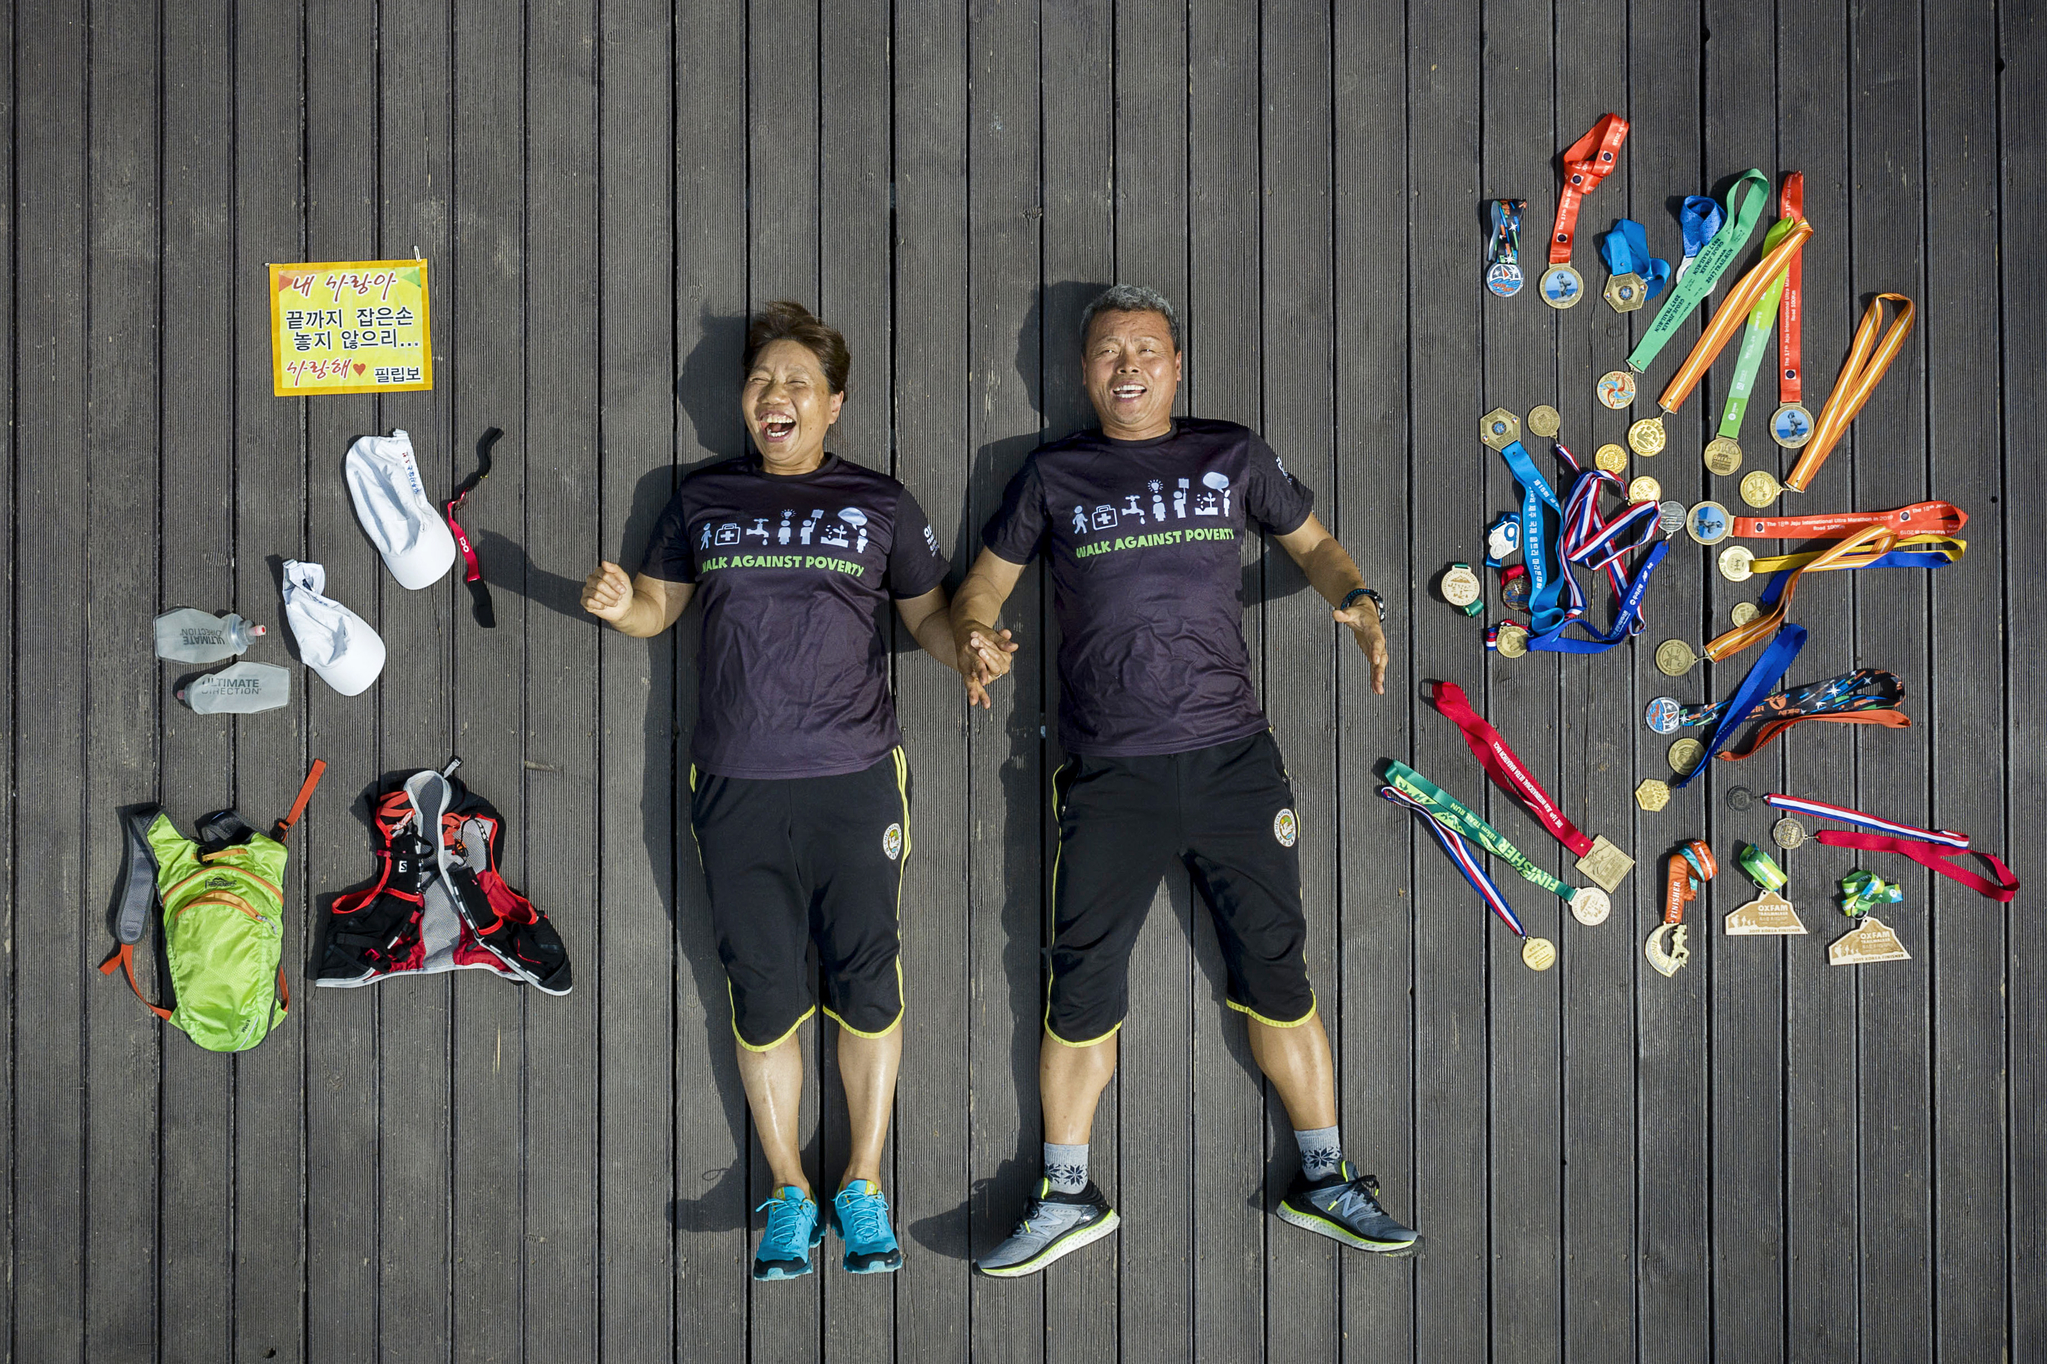 시각장애인으로 340여 회 마라톤 완주에 성공한 김미순씨와 두 손을 꼭 잡아 항상 그의 두 눈이 되어주는 남편 김효근씨. 왼쪽에는 마라톤에 사용하는 물품들이, 오른쪽에는 그간 완주로 받은 메달들이 자리했다. 장진영 기자